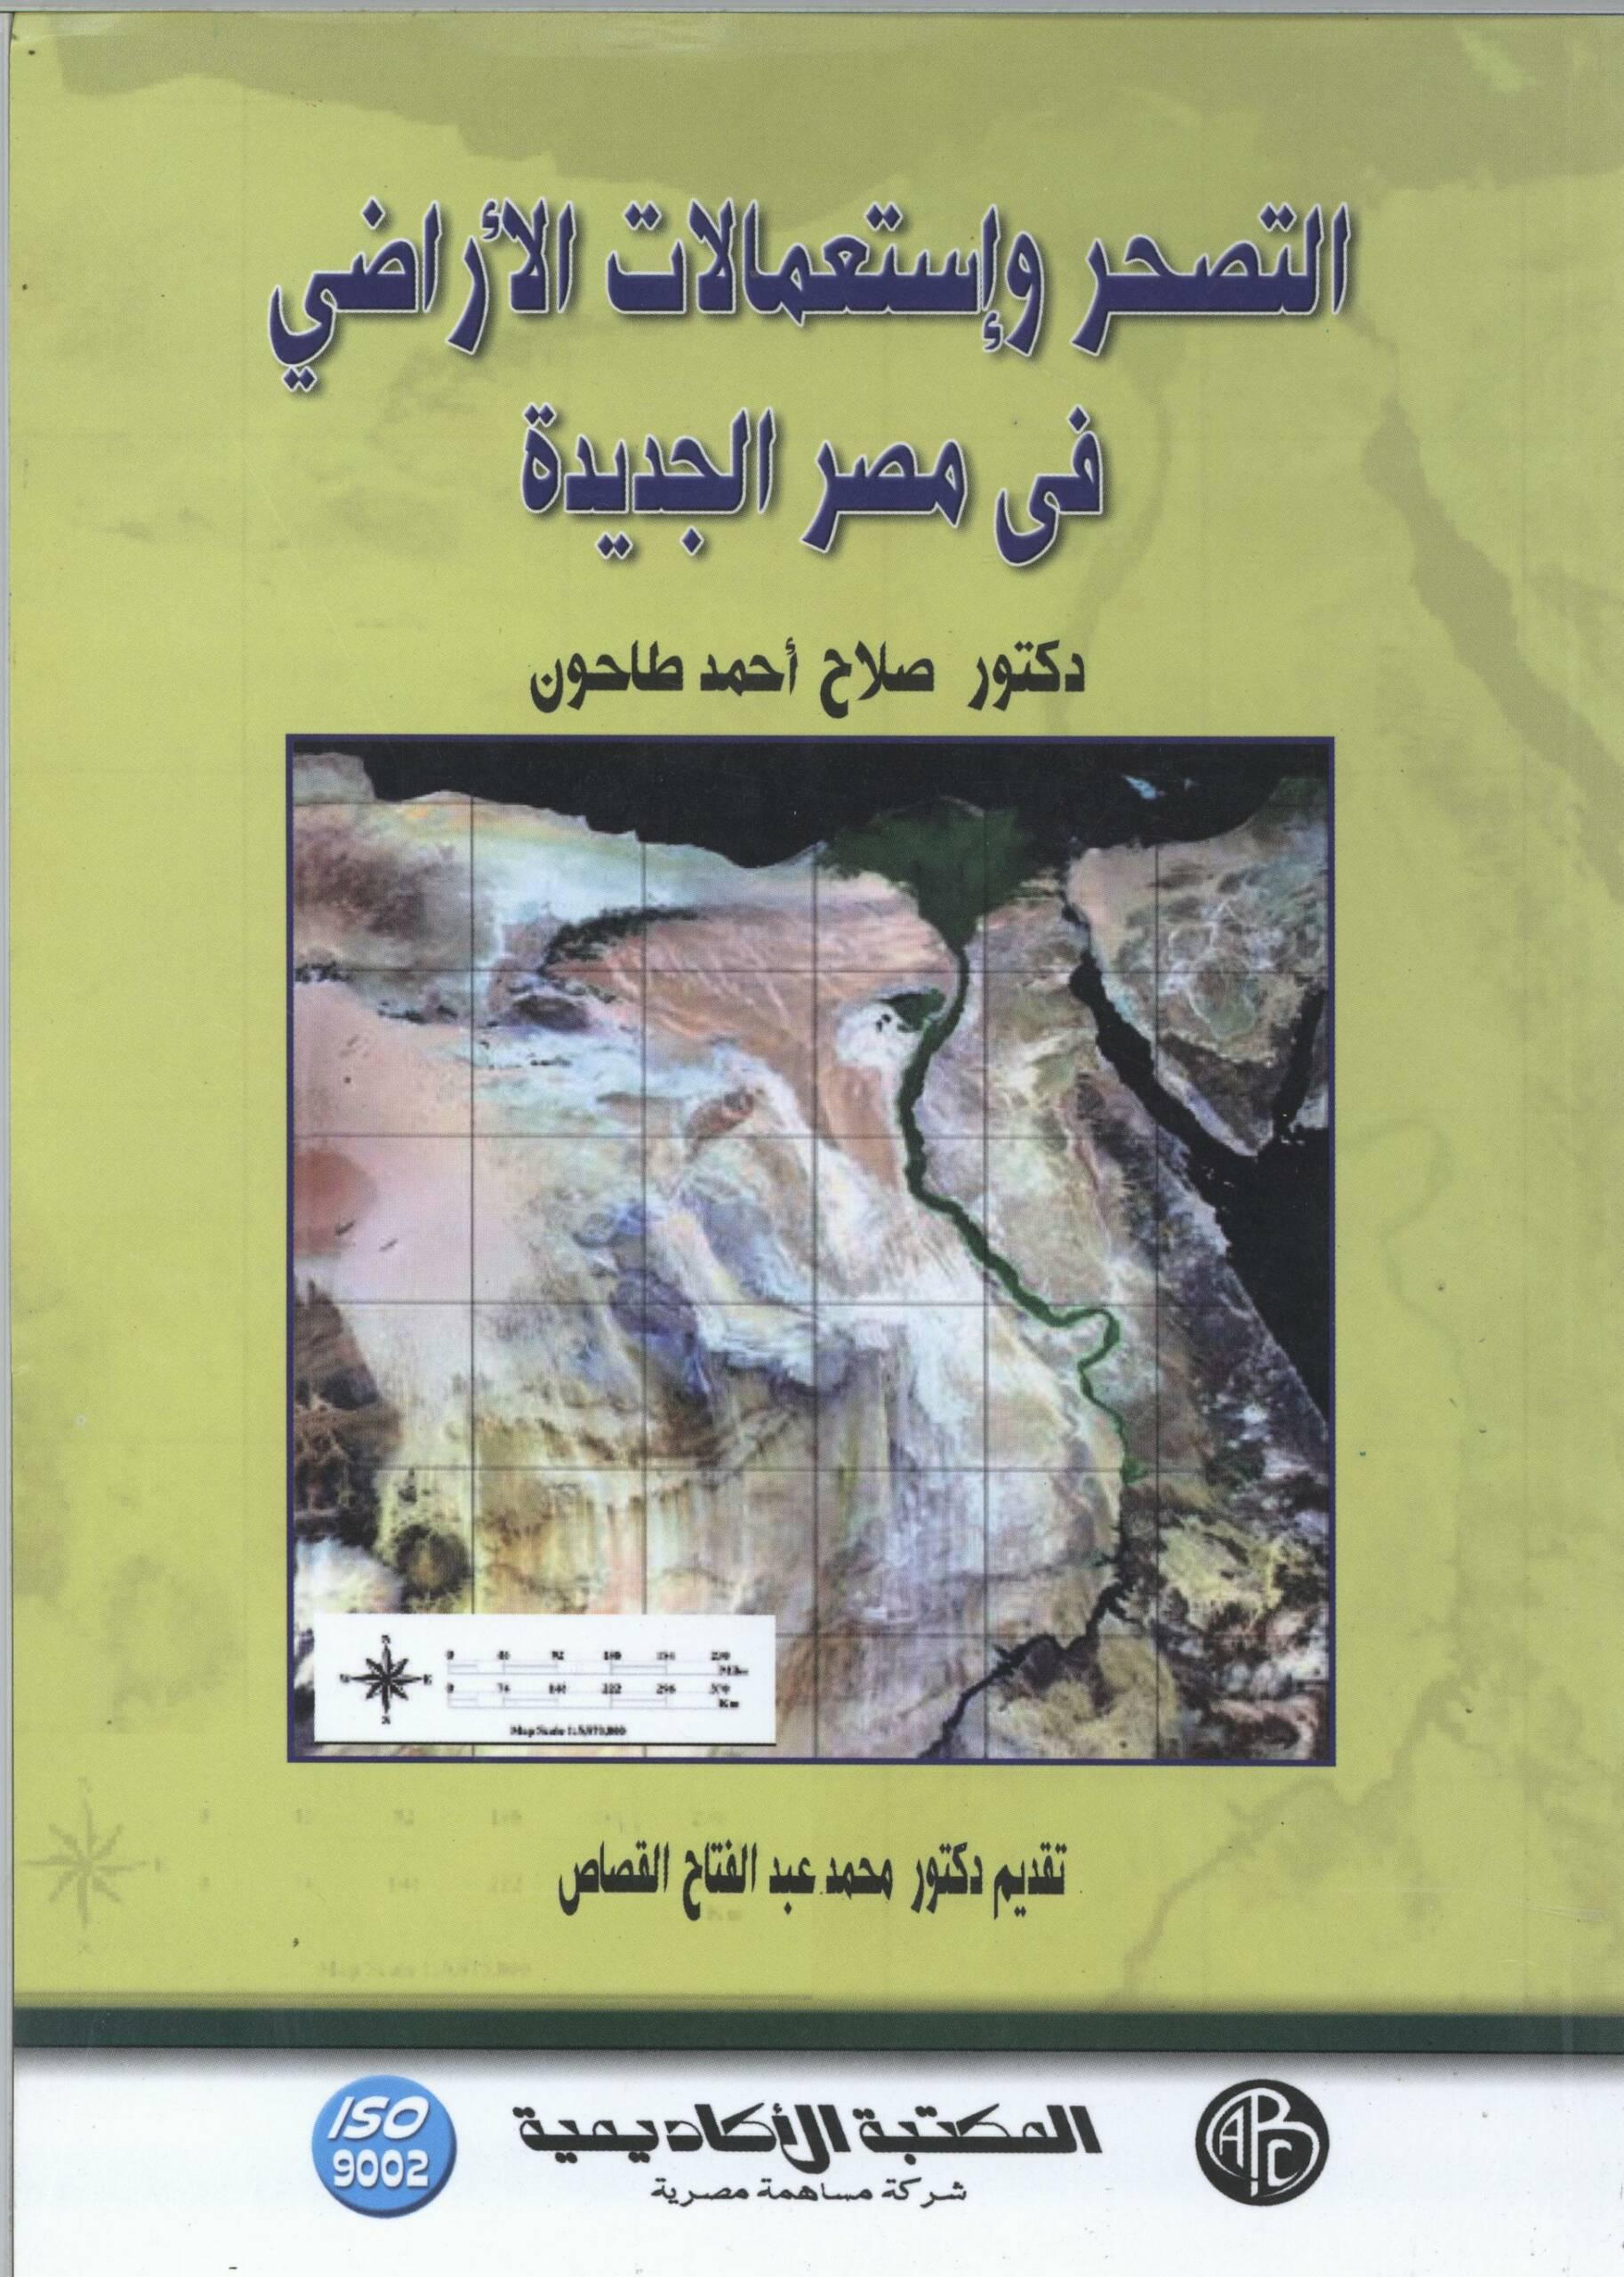 التصحر و استعمالات الآراضى فى مصر الجديدة